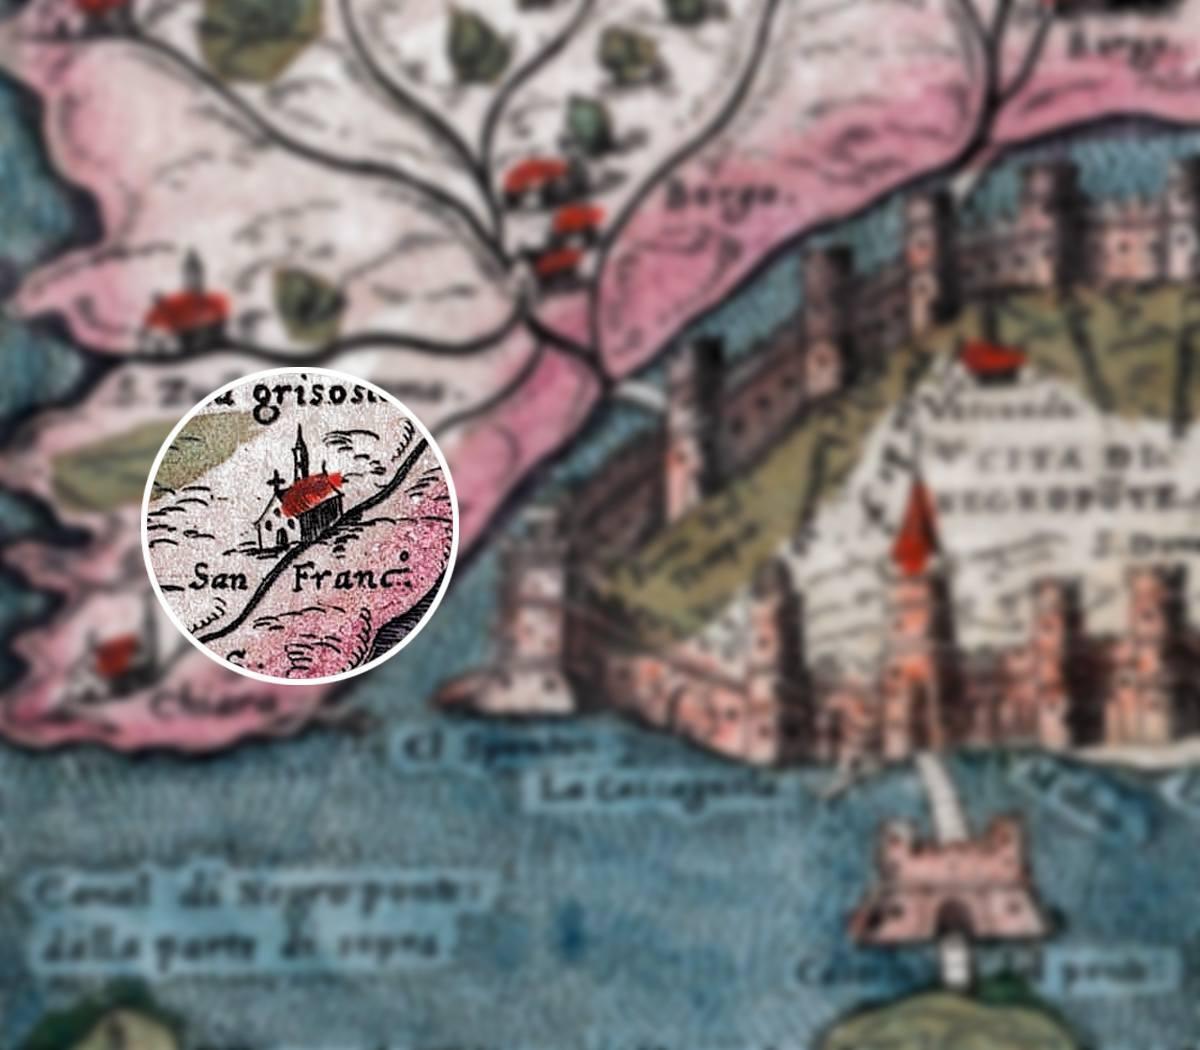 1-Αγιος-Φραγκίσκος-στη-θέση-του-Αγίου-Δημητρίου-Χαλκίδας-τοπογραφικό-του-1840-πάνω-σε-σύγχρονο-χάρτη-της-Χαλκίδας